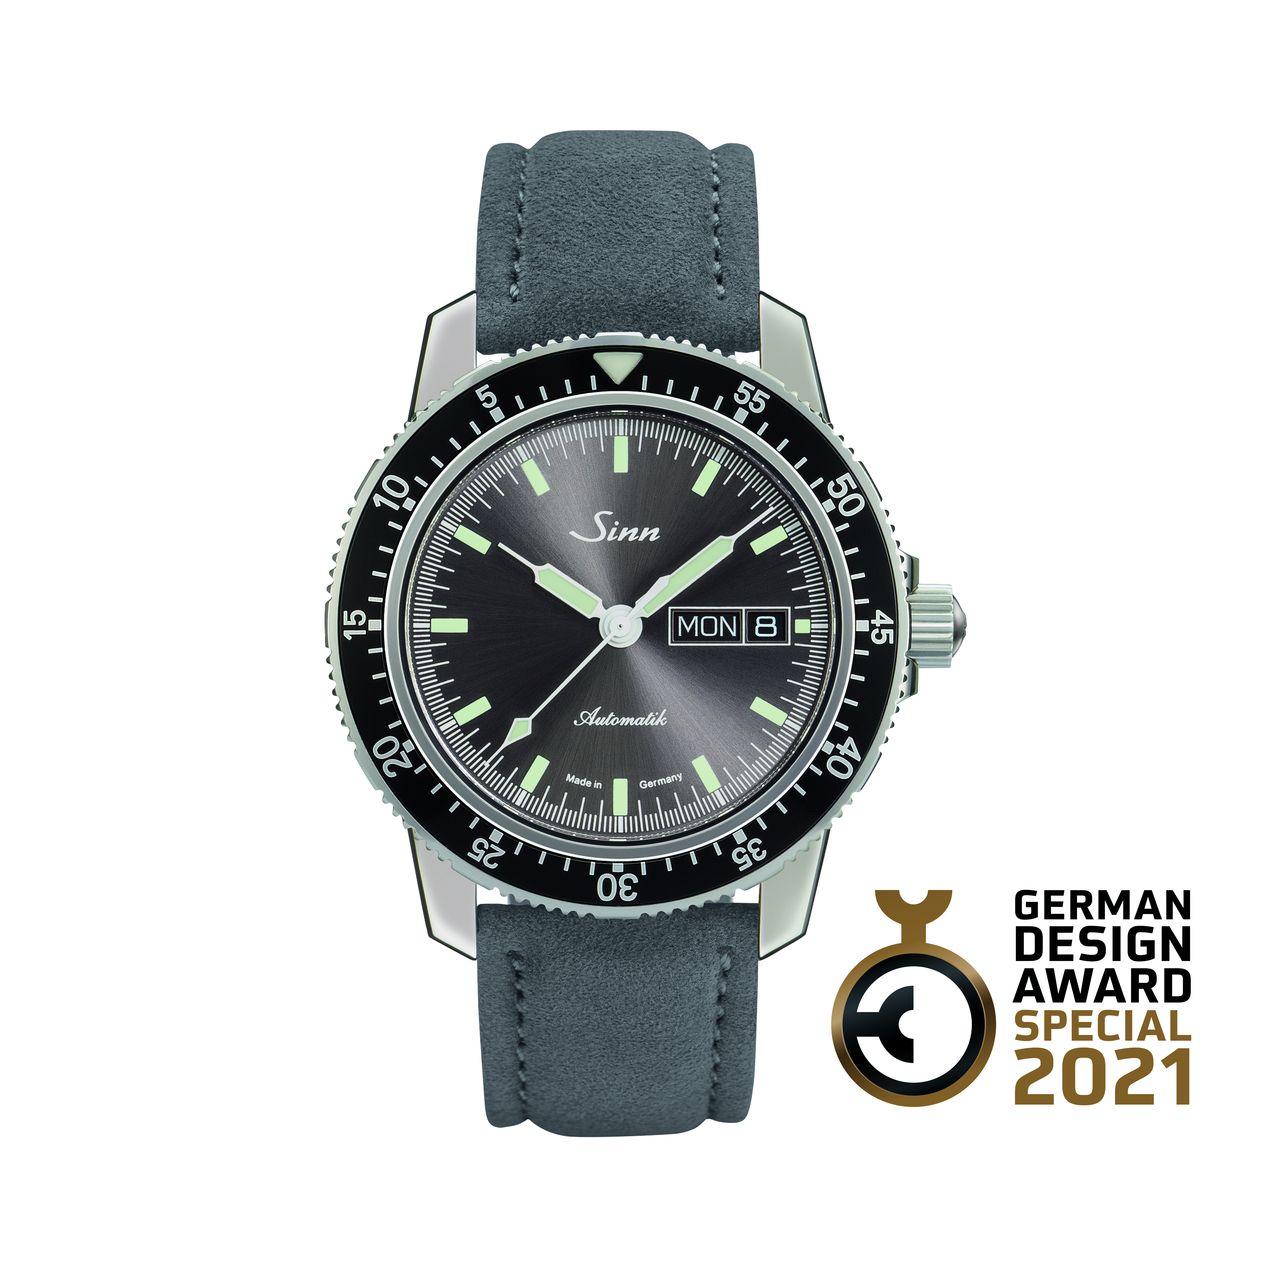 """German Design Award: """"Excellent Product Design 2021: SINN Spezialuhren 104 St Sa I A"""